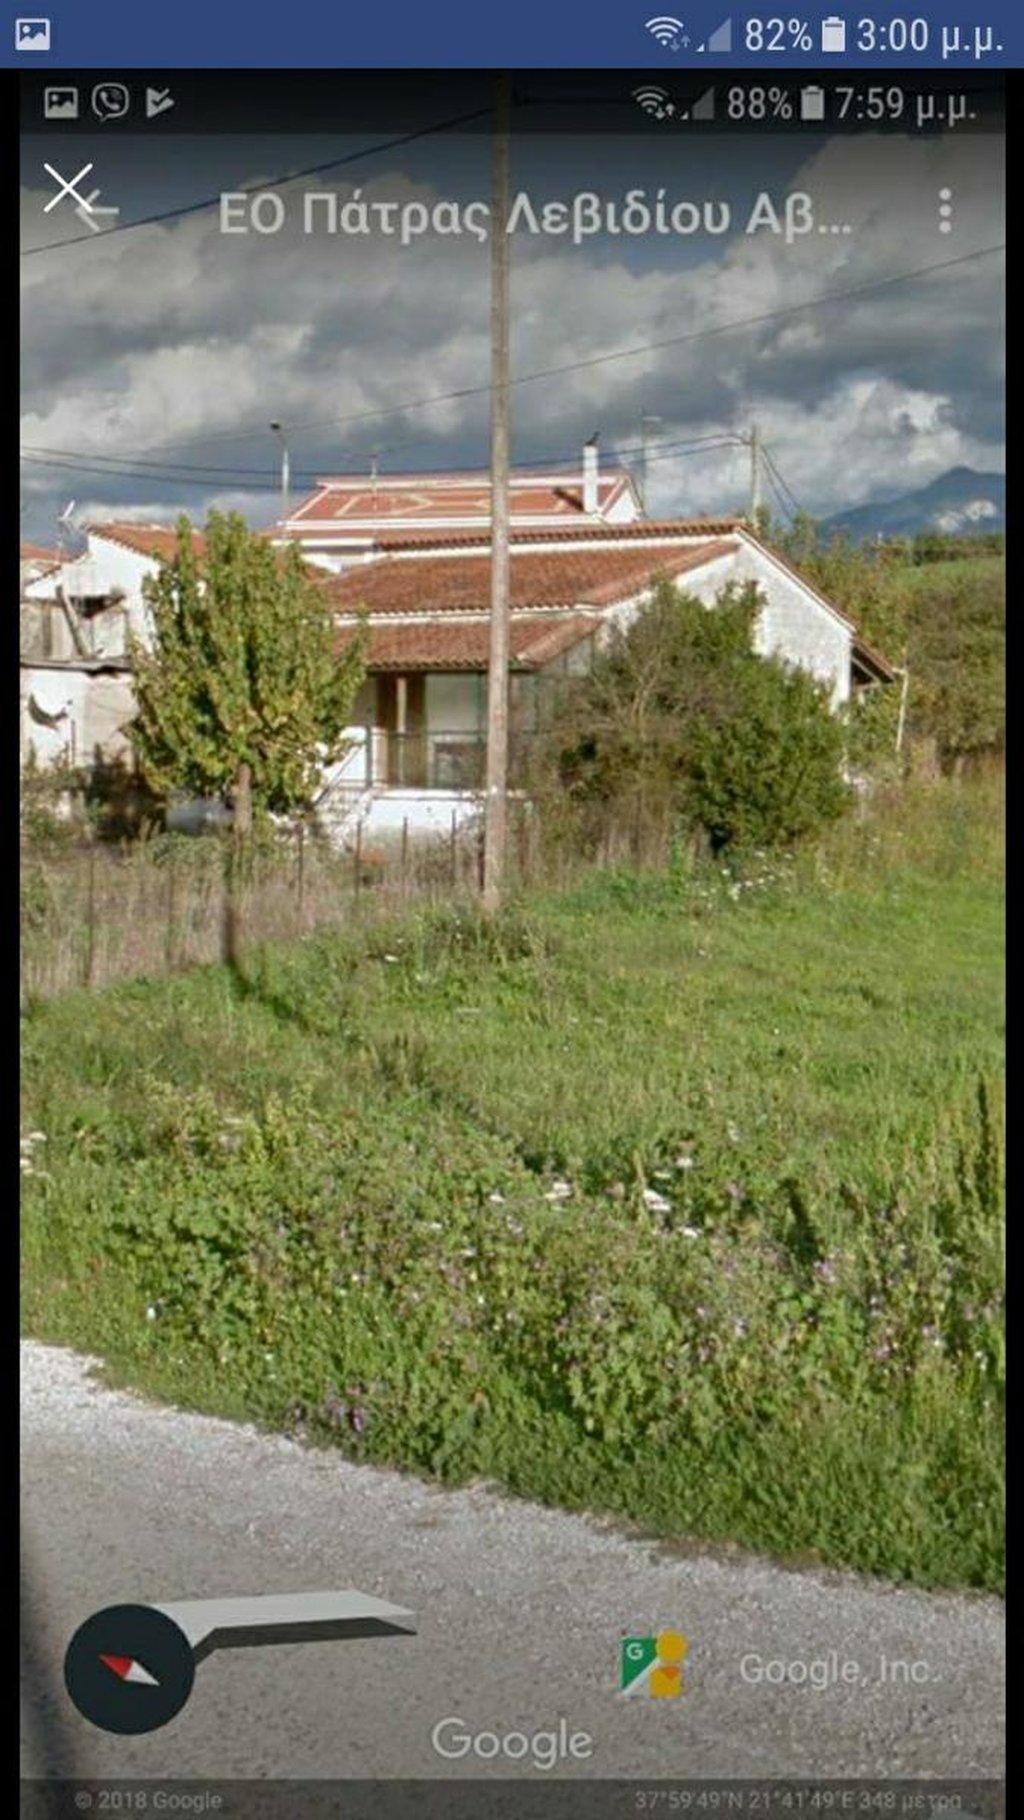 Πωλείται Σπίτια Agent: 100 sq. m, 5 υπνοδωμάτια